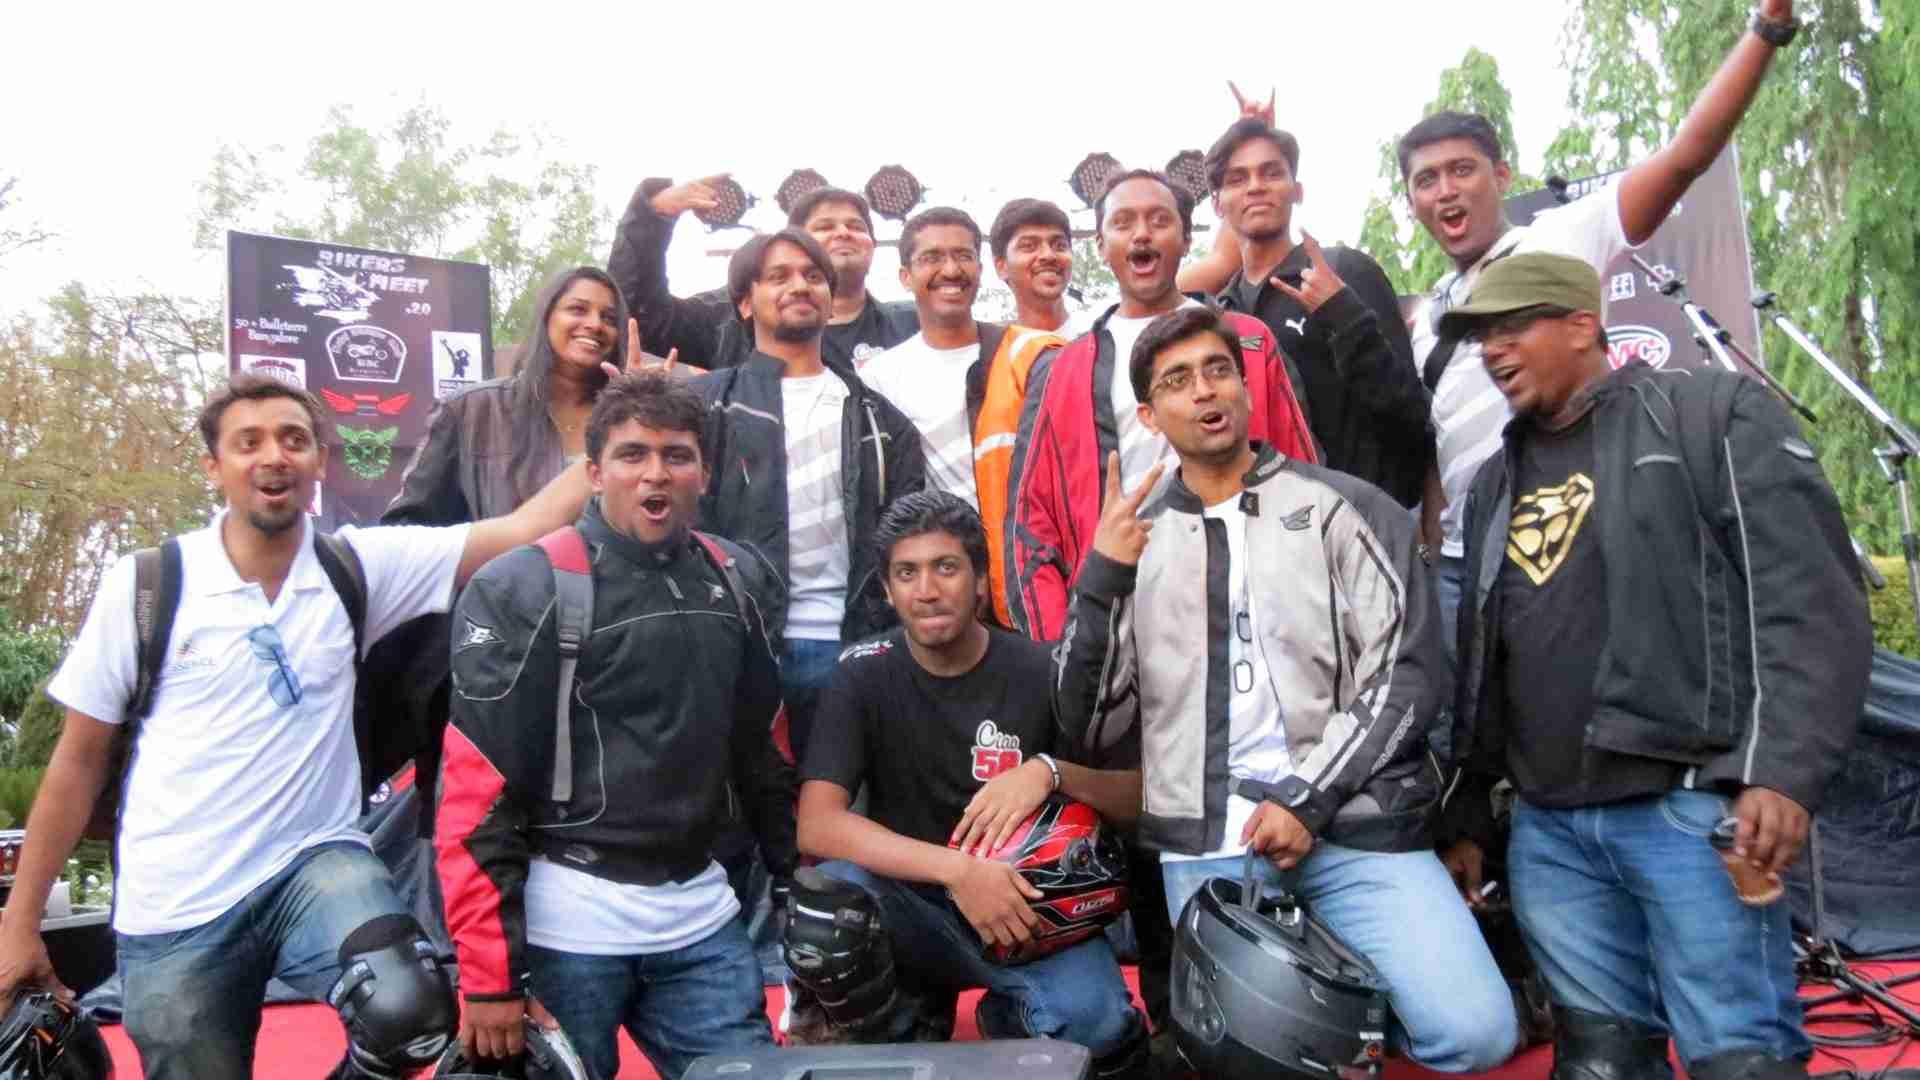 yrc bangalore 2014 - groups